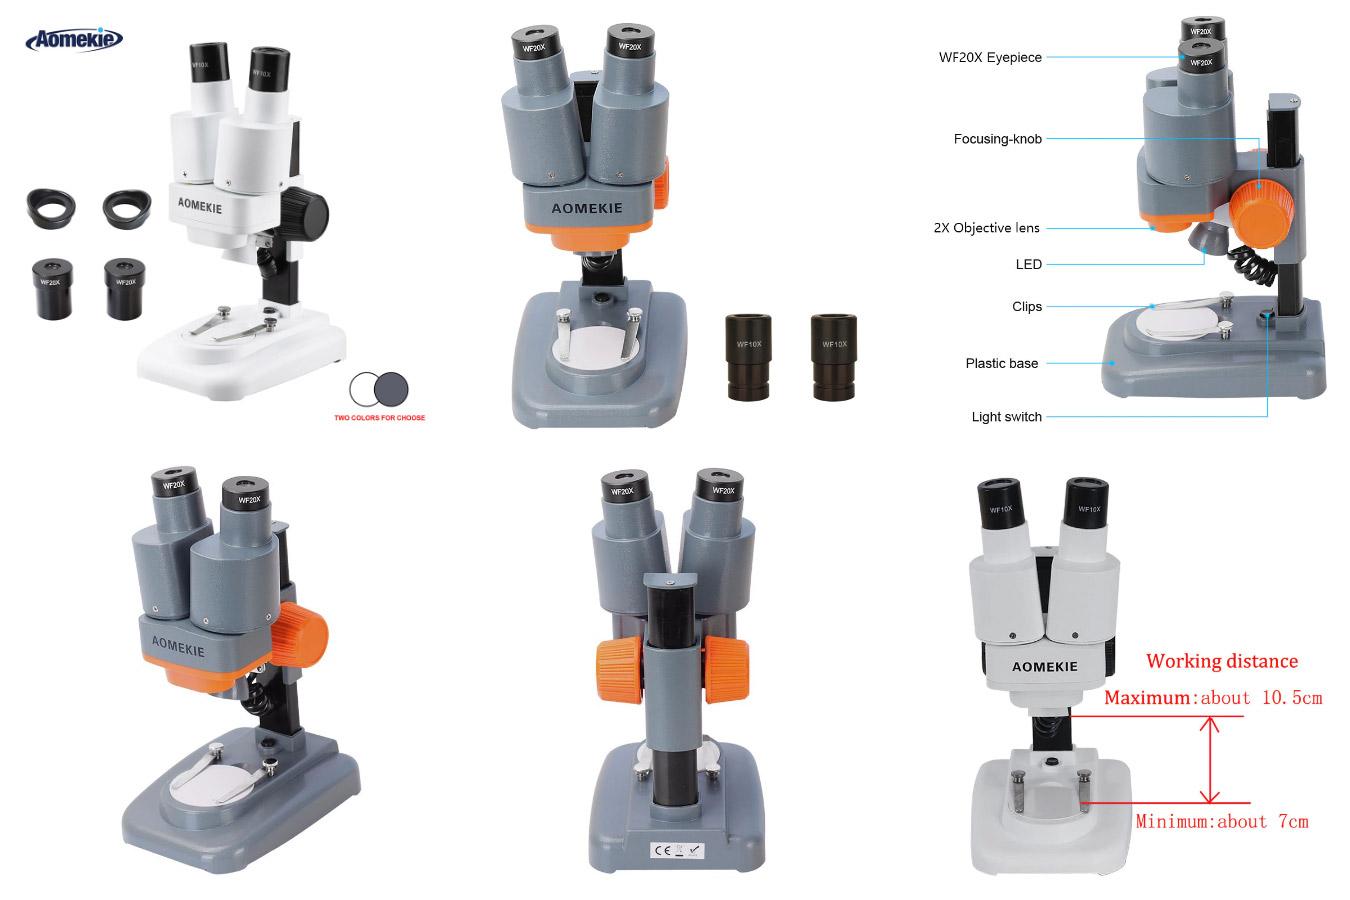 Микроскоп своими руками — как сделать своими руками простой и мощный микроскоп (85 фото и видео)